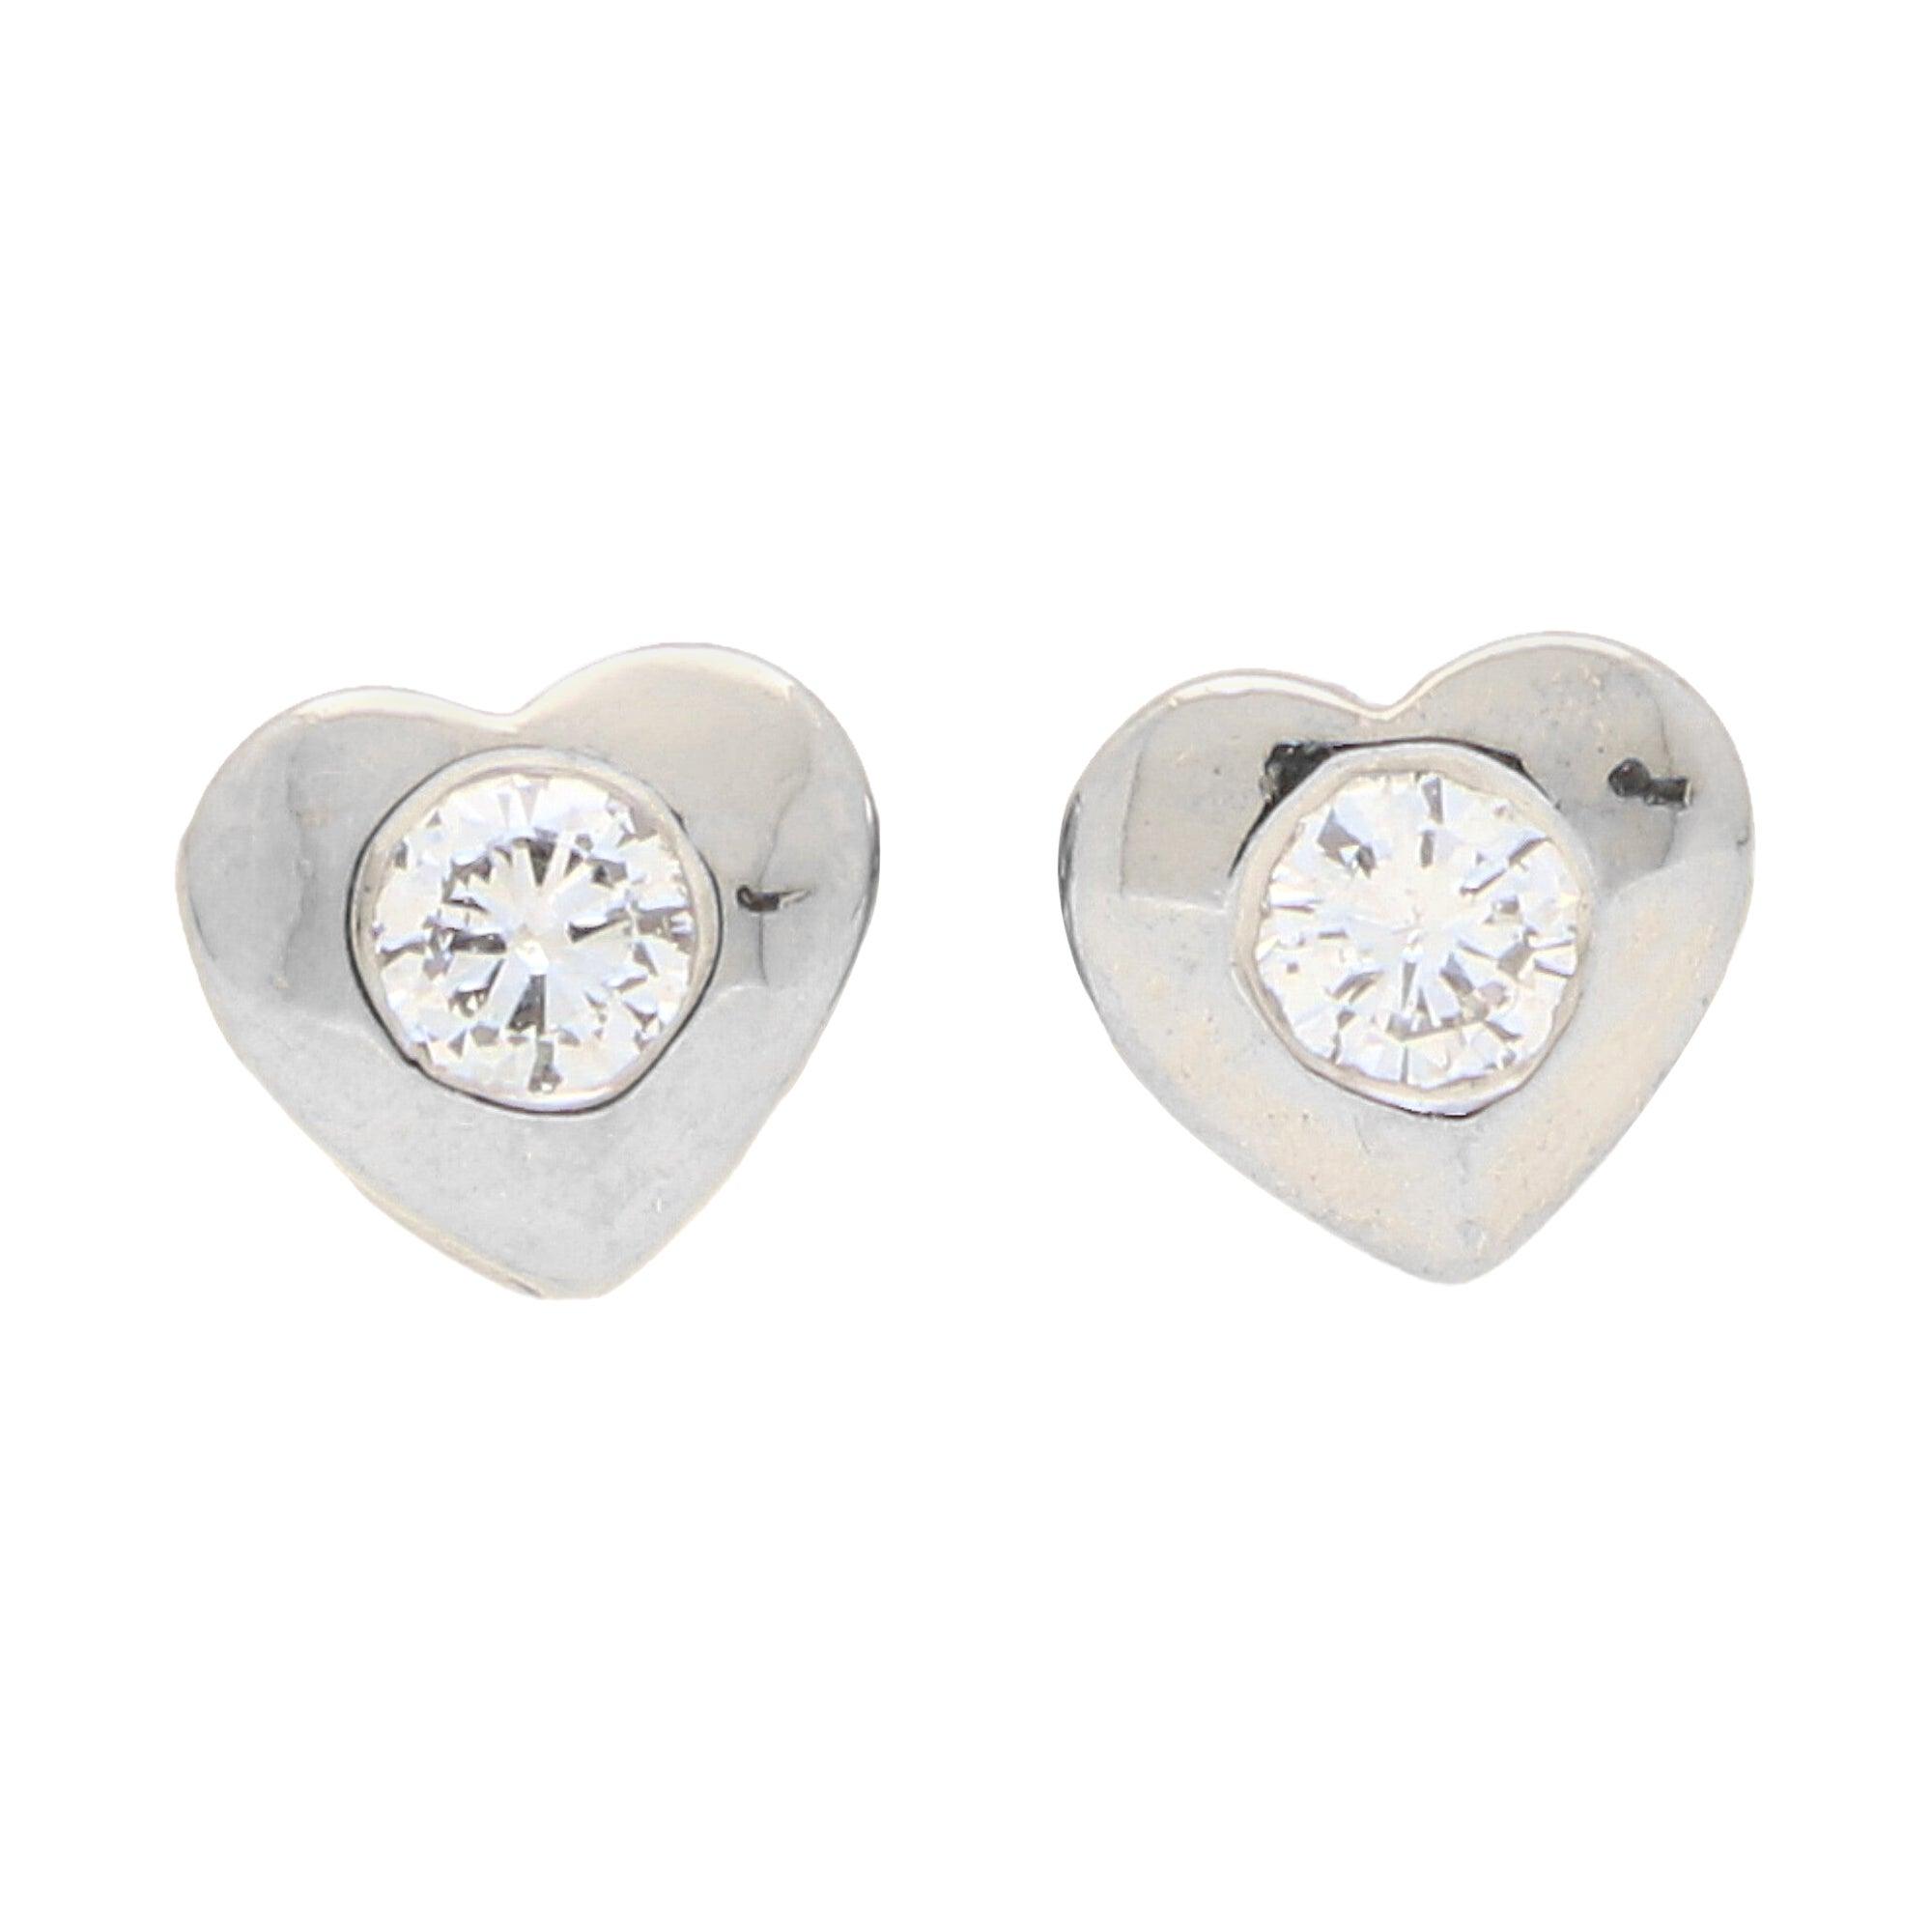 Diamond Heart Stud Earrings Set in 18k White Gold